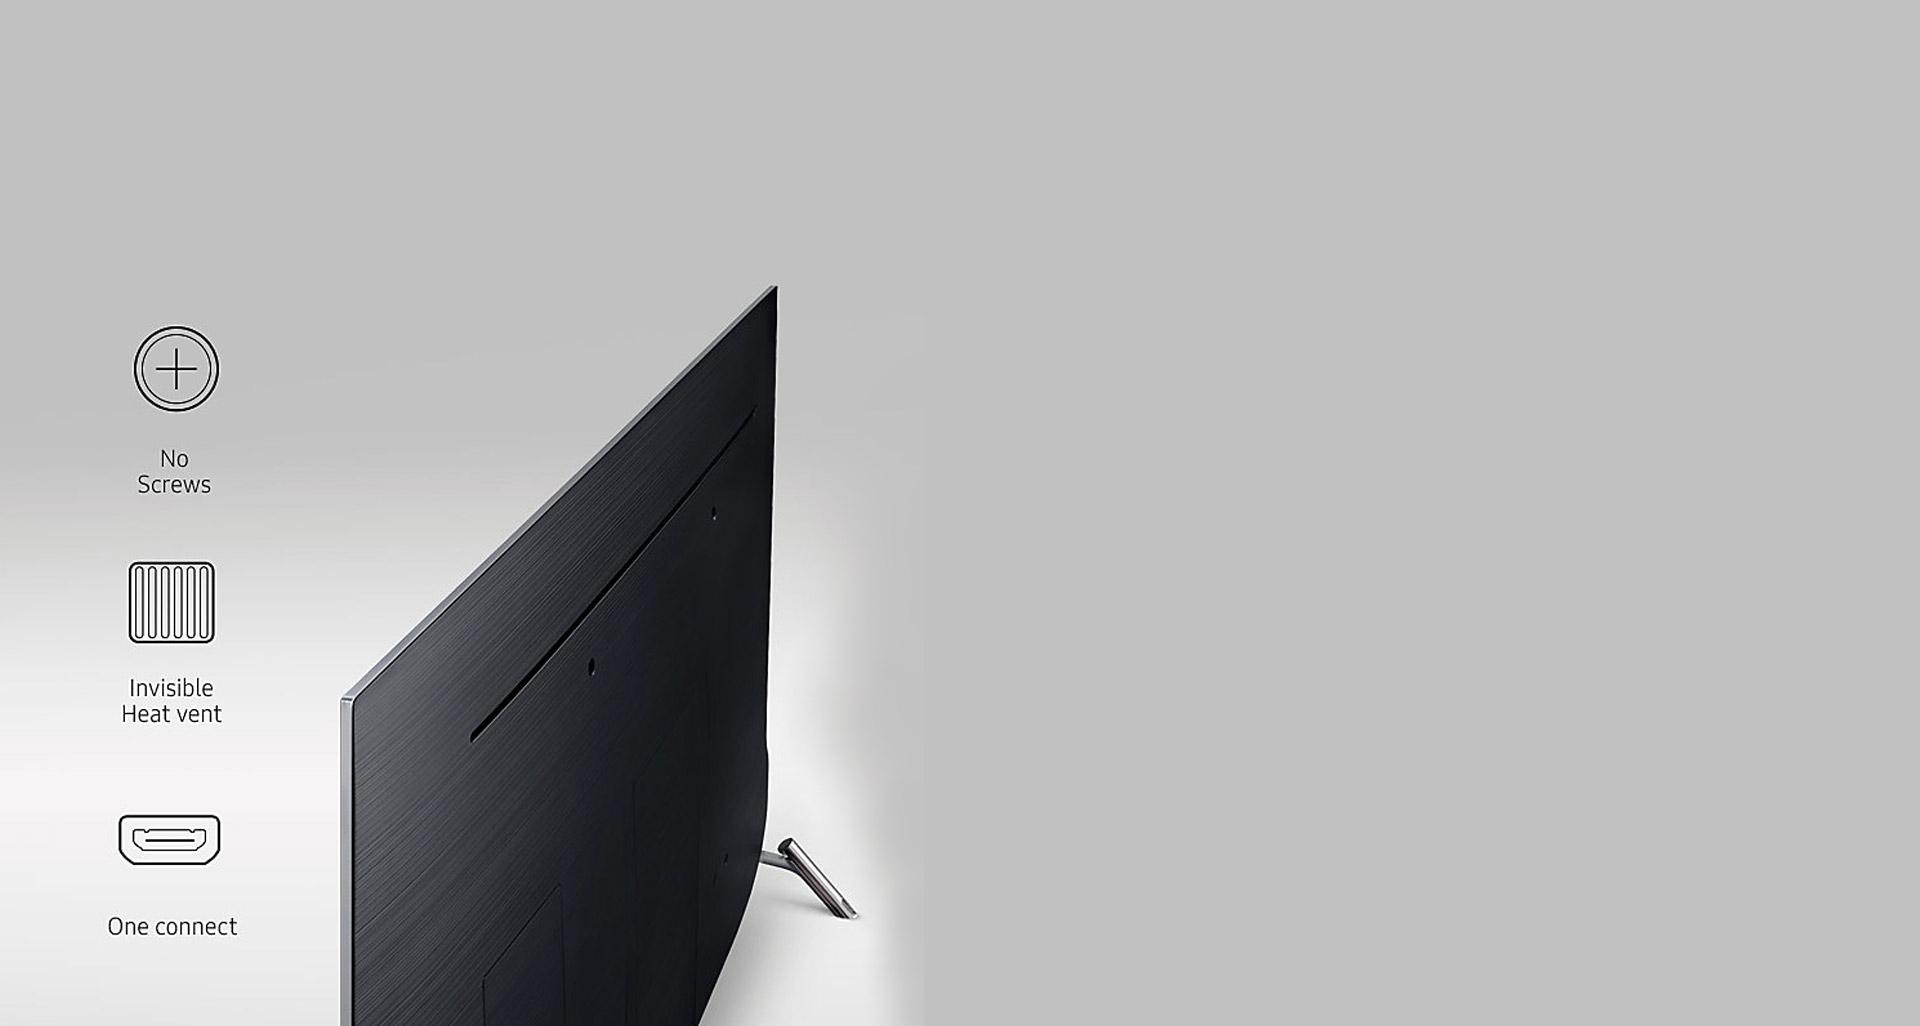 طراحی مینیمالی بدنه پشتی تلویزیون سری 8